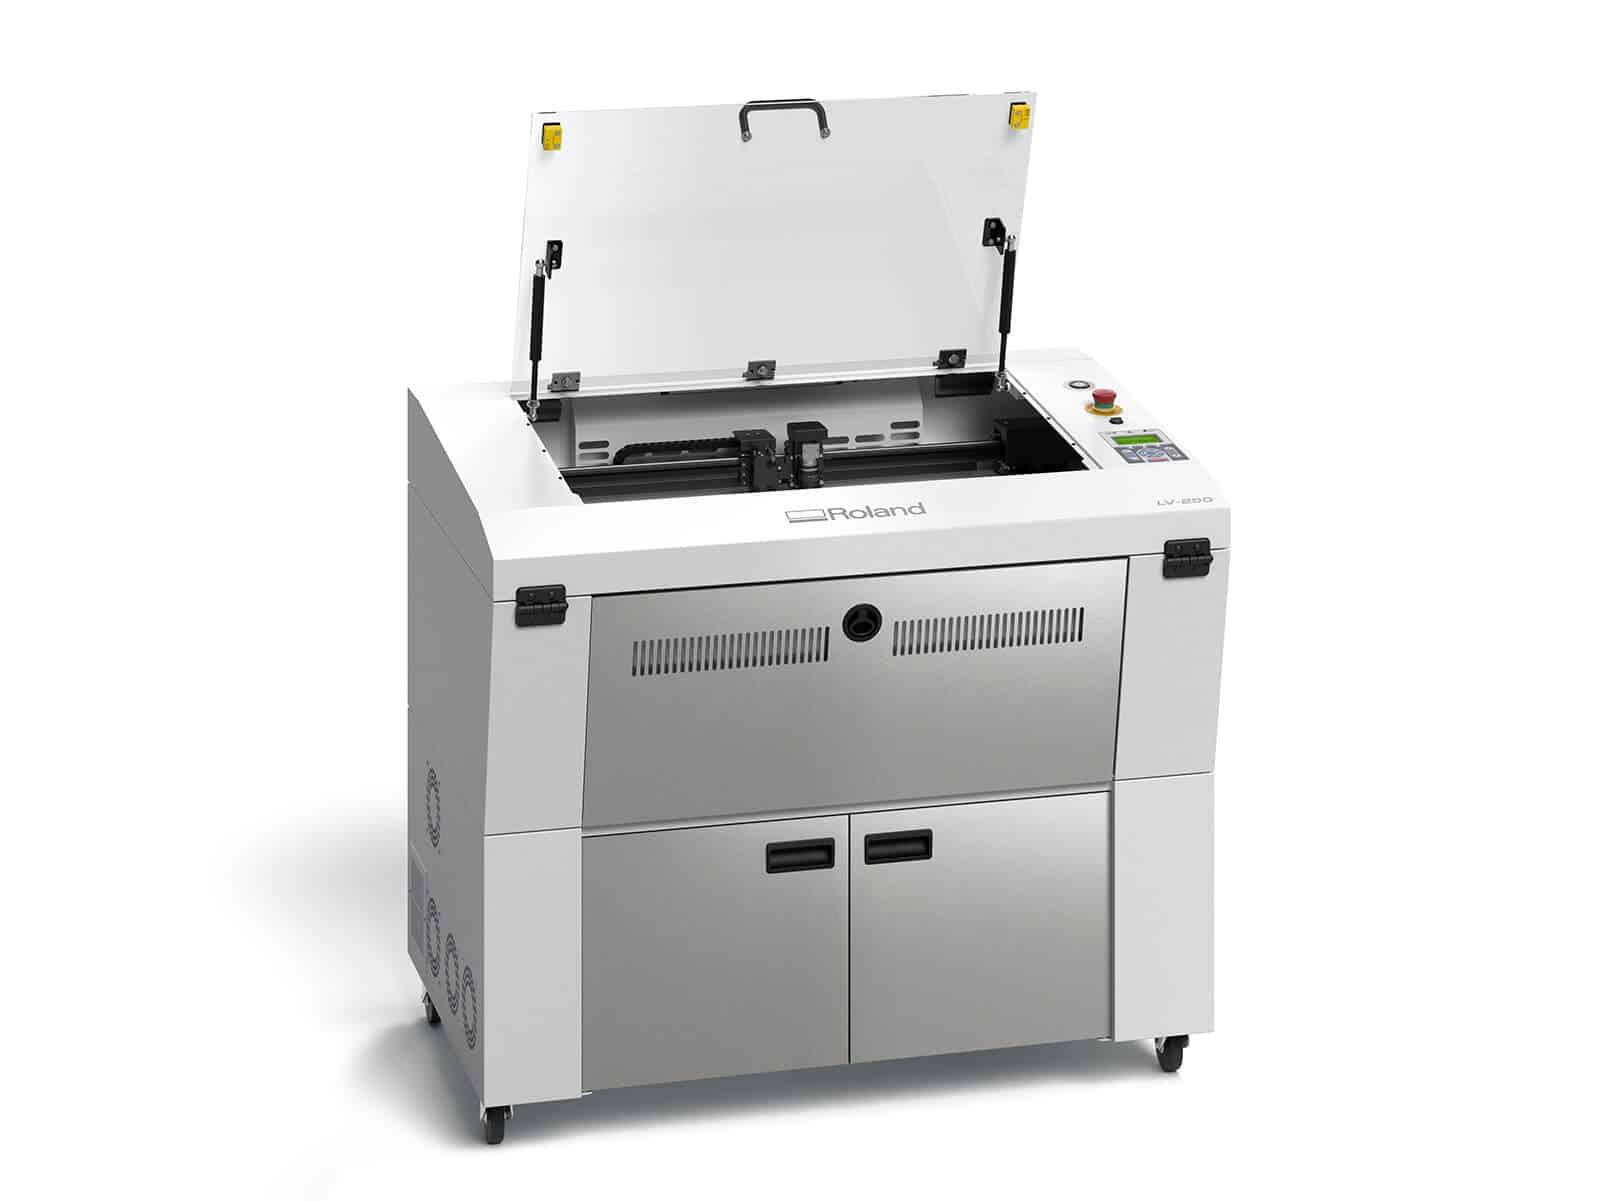 Roland incisore laser lv-290 Co2 frontale aperto